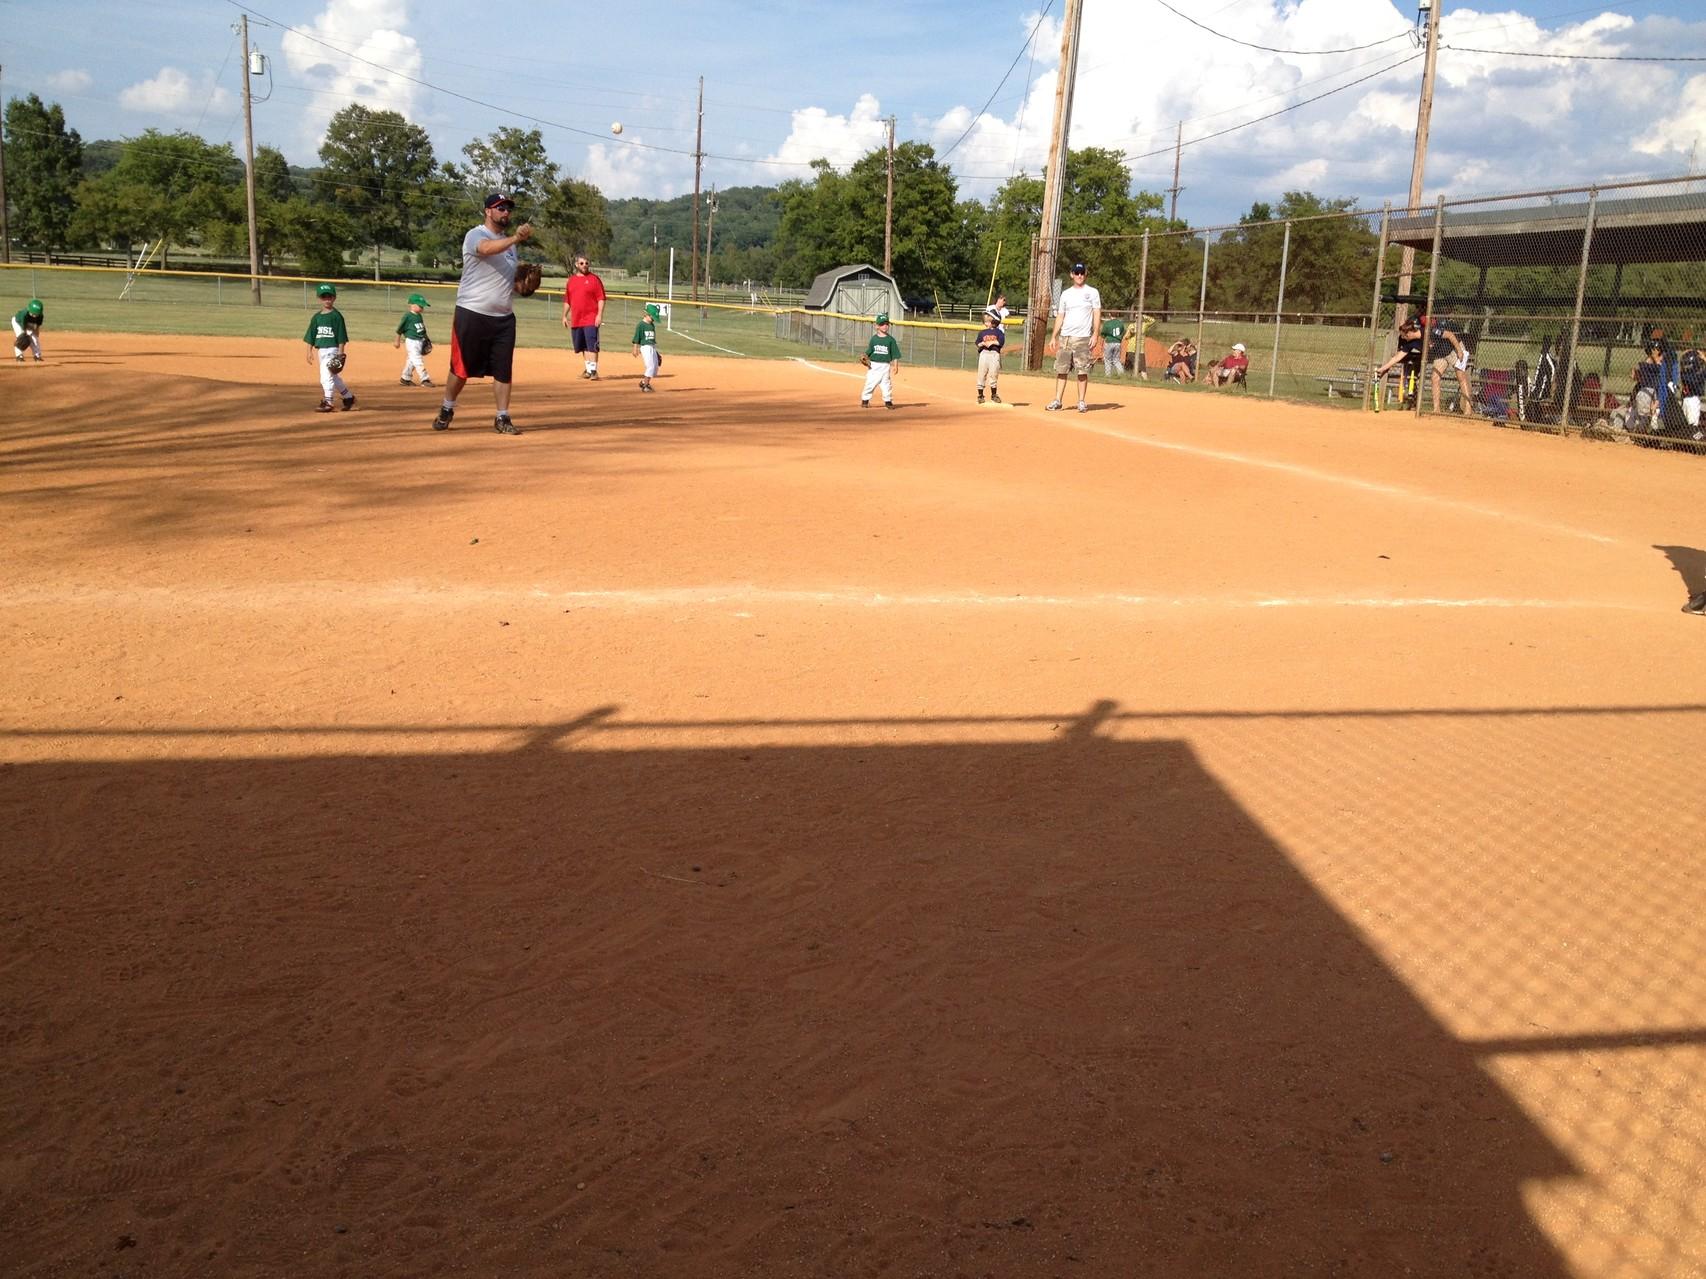 Mein allererstes Baseballspiel (natürlich nur als Zuschauerin ;D)